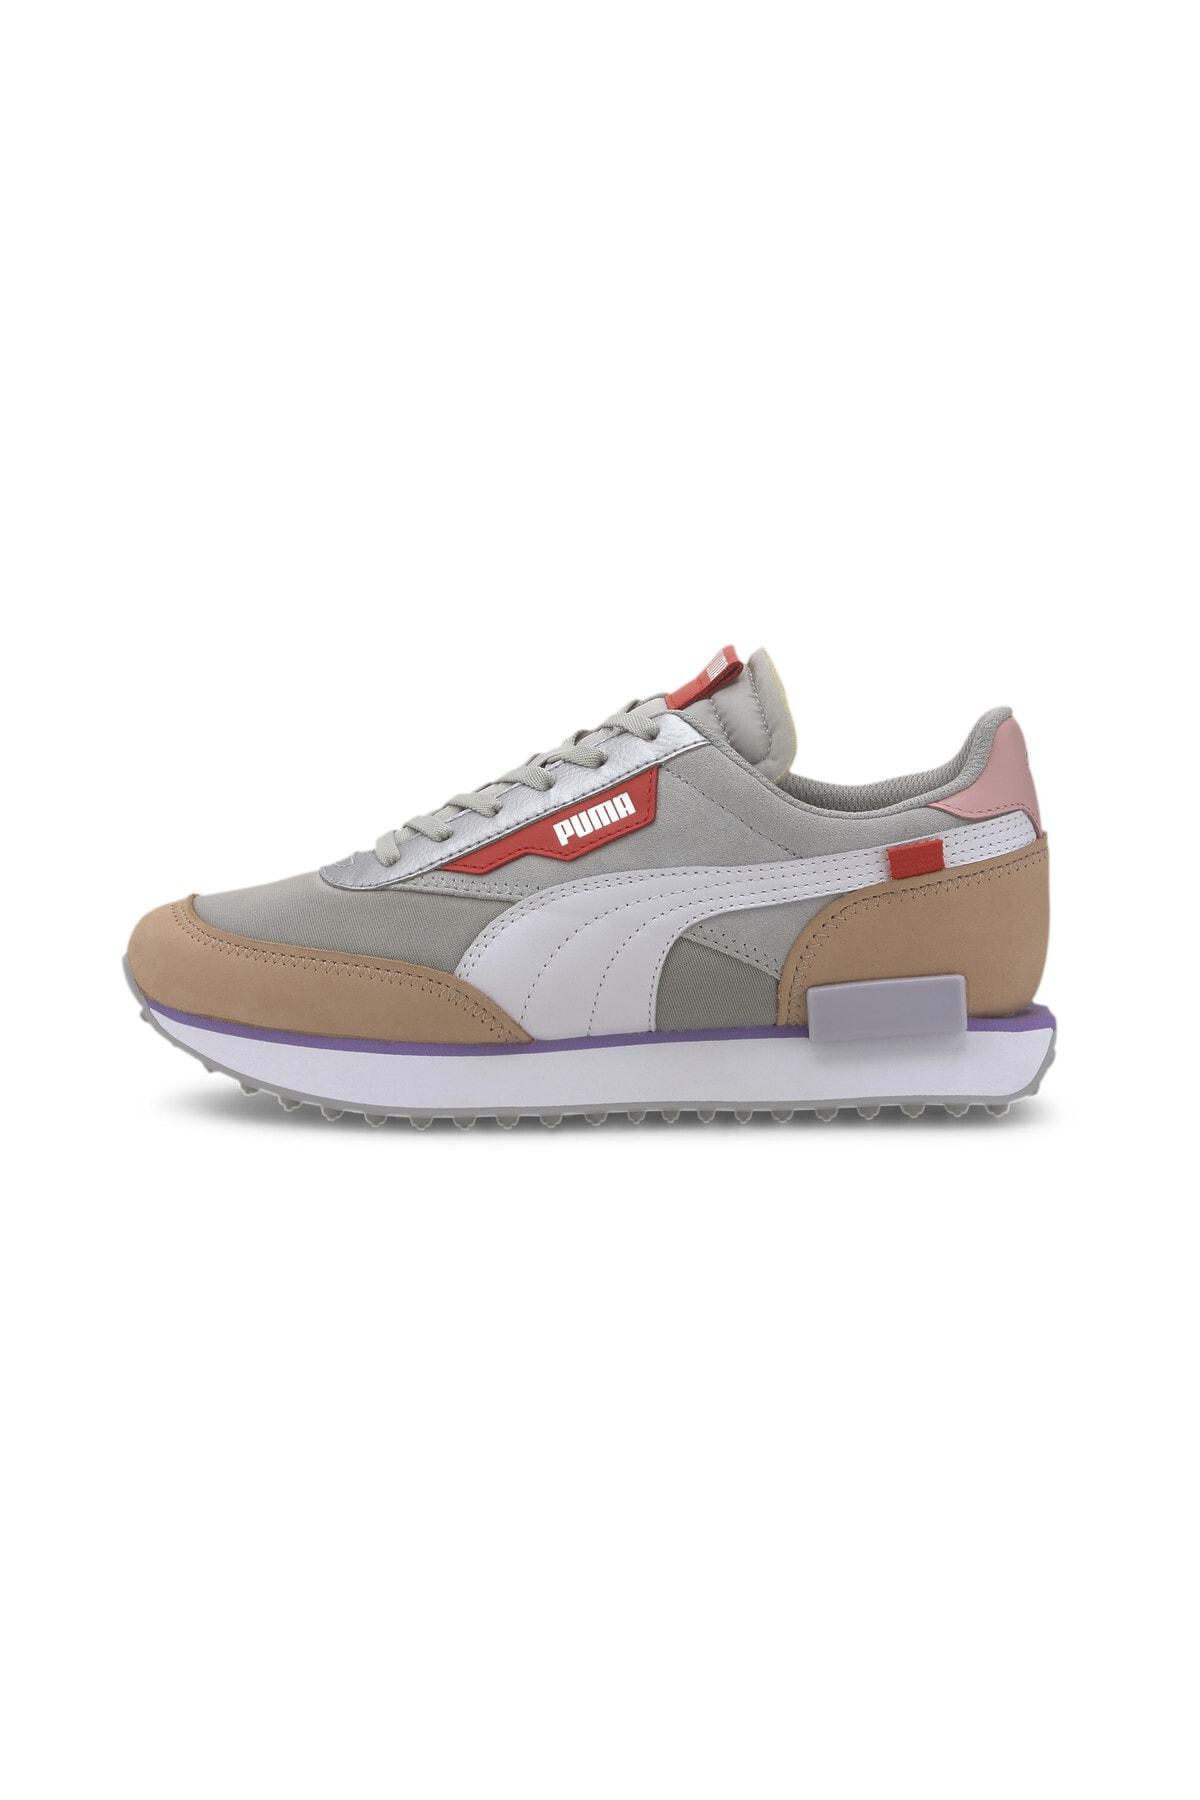 Puma FUTURE RIDER Royale Kadın Ayakkabı 0